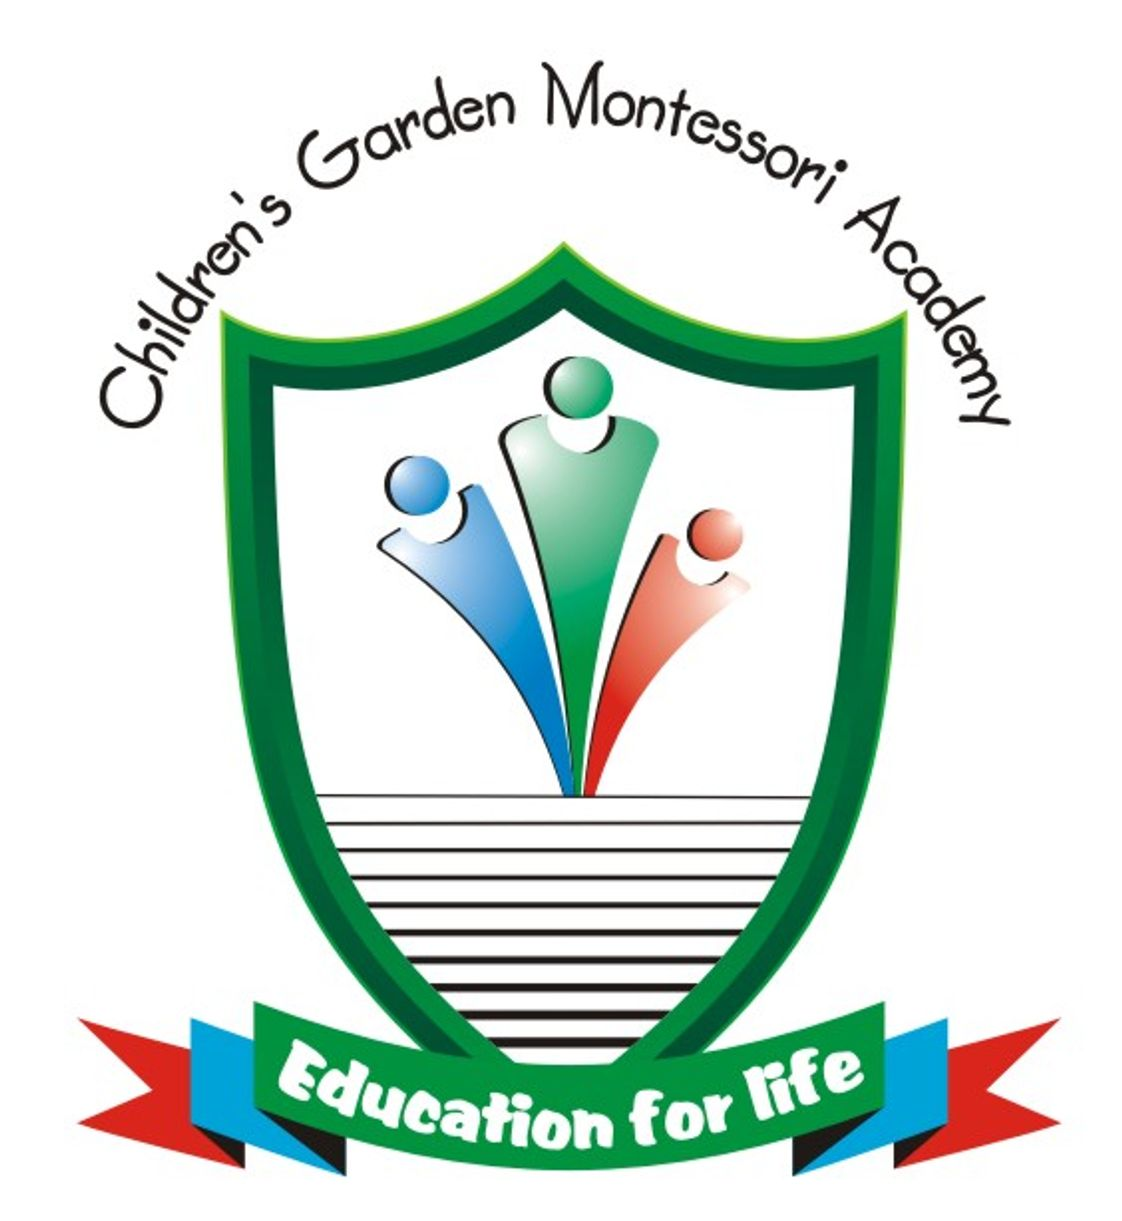 Children's Garden Montessori Academy Profile (2018-19